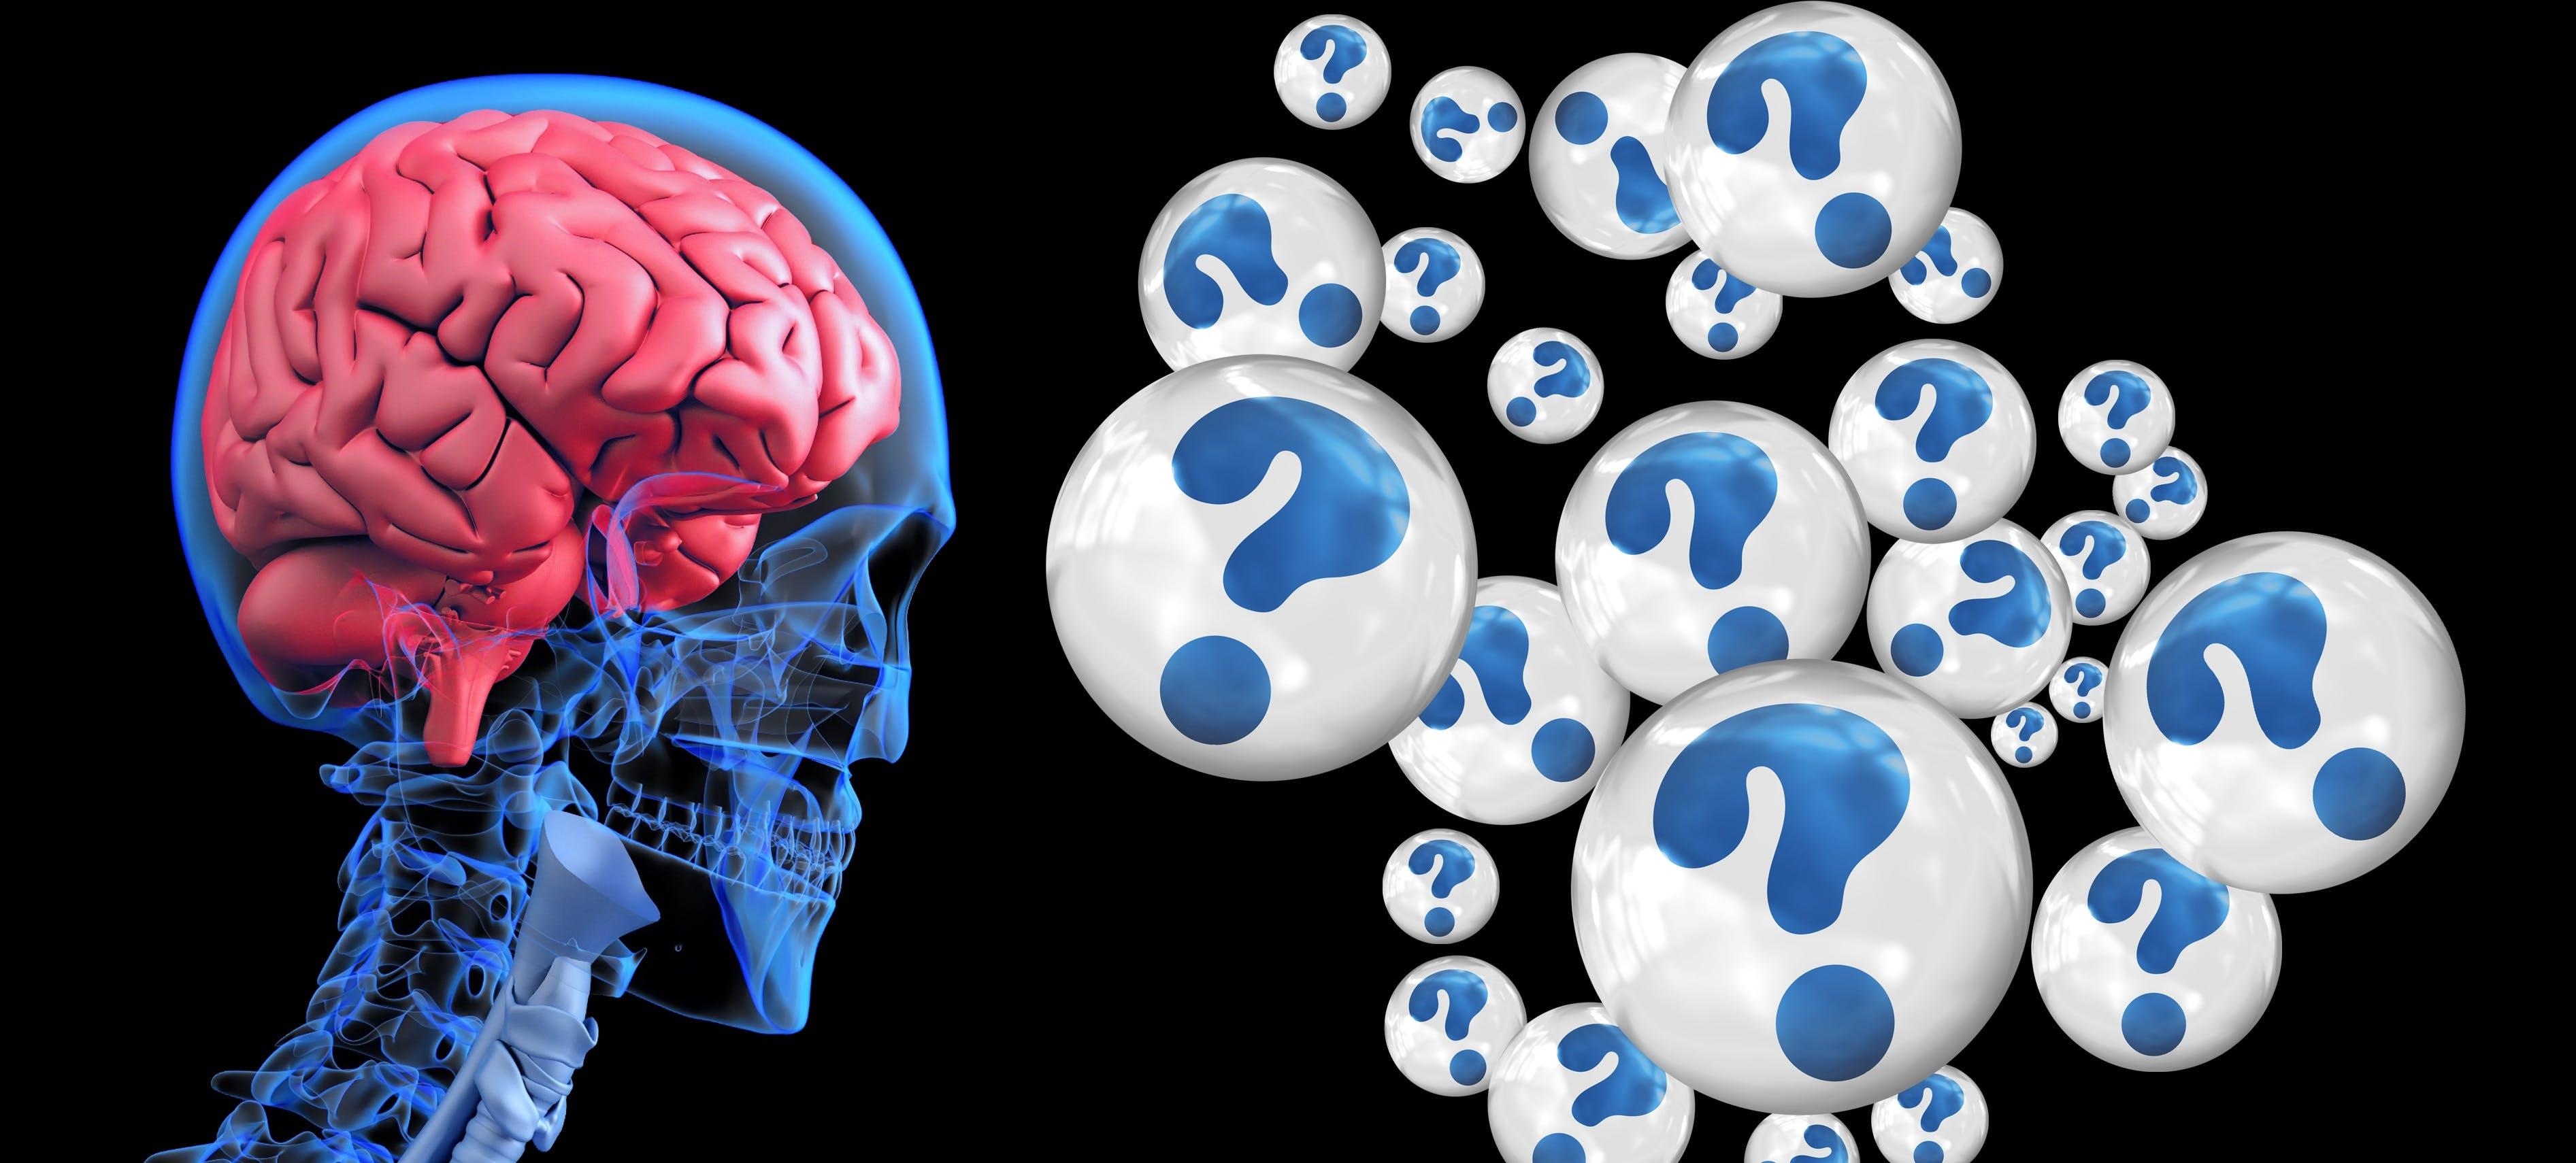 Titelbild-Gehirn-Skelett-Fragezeichen-Demenz-Alzheimer-2546101-pixabay-geralt